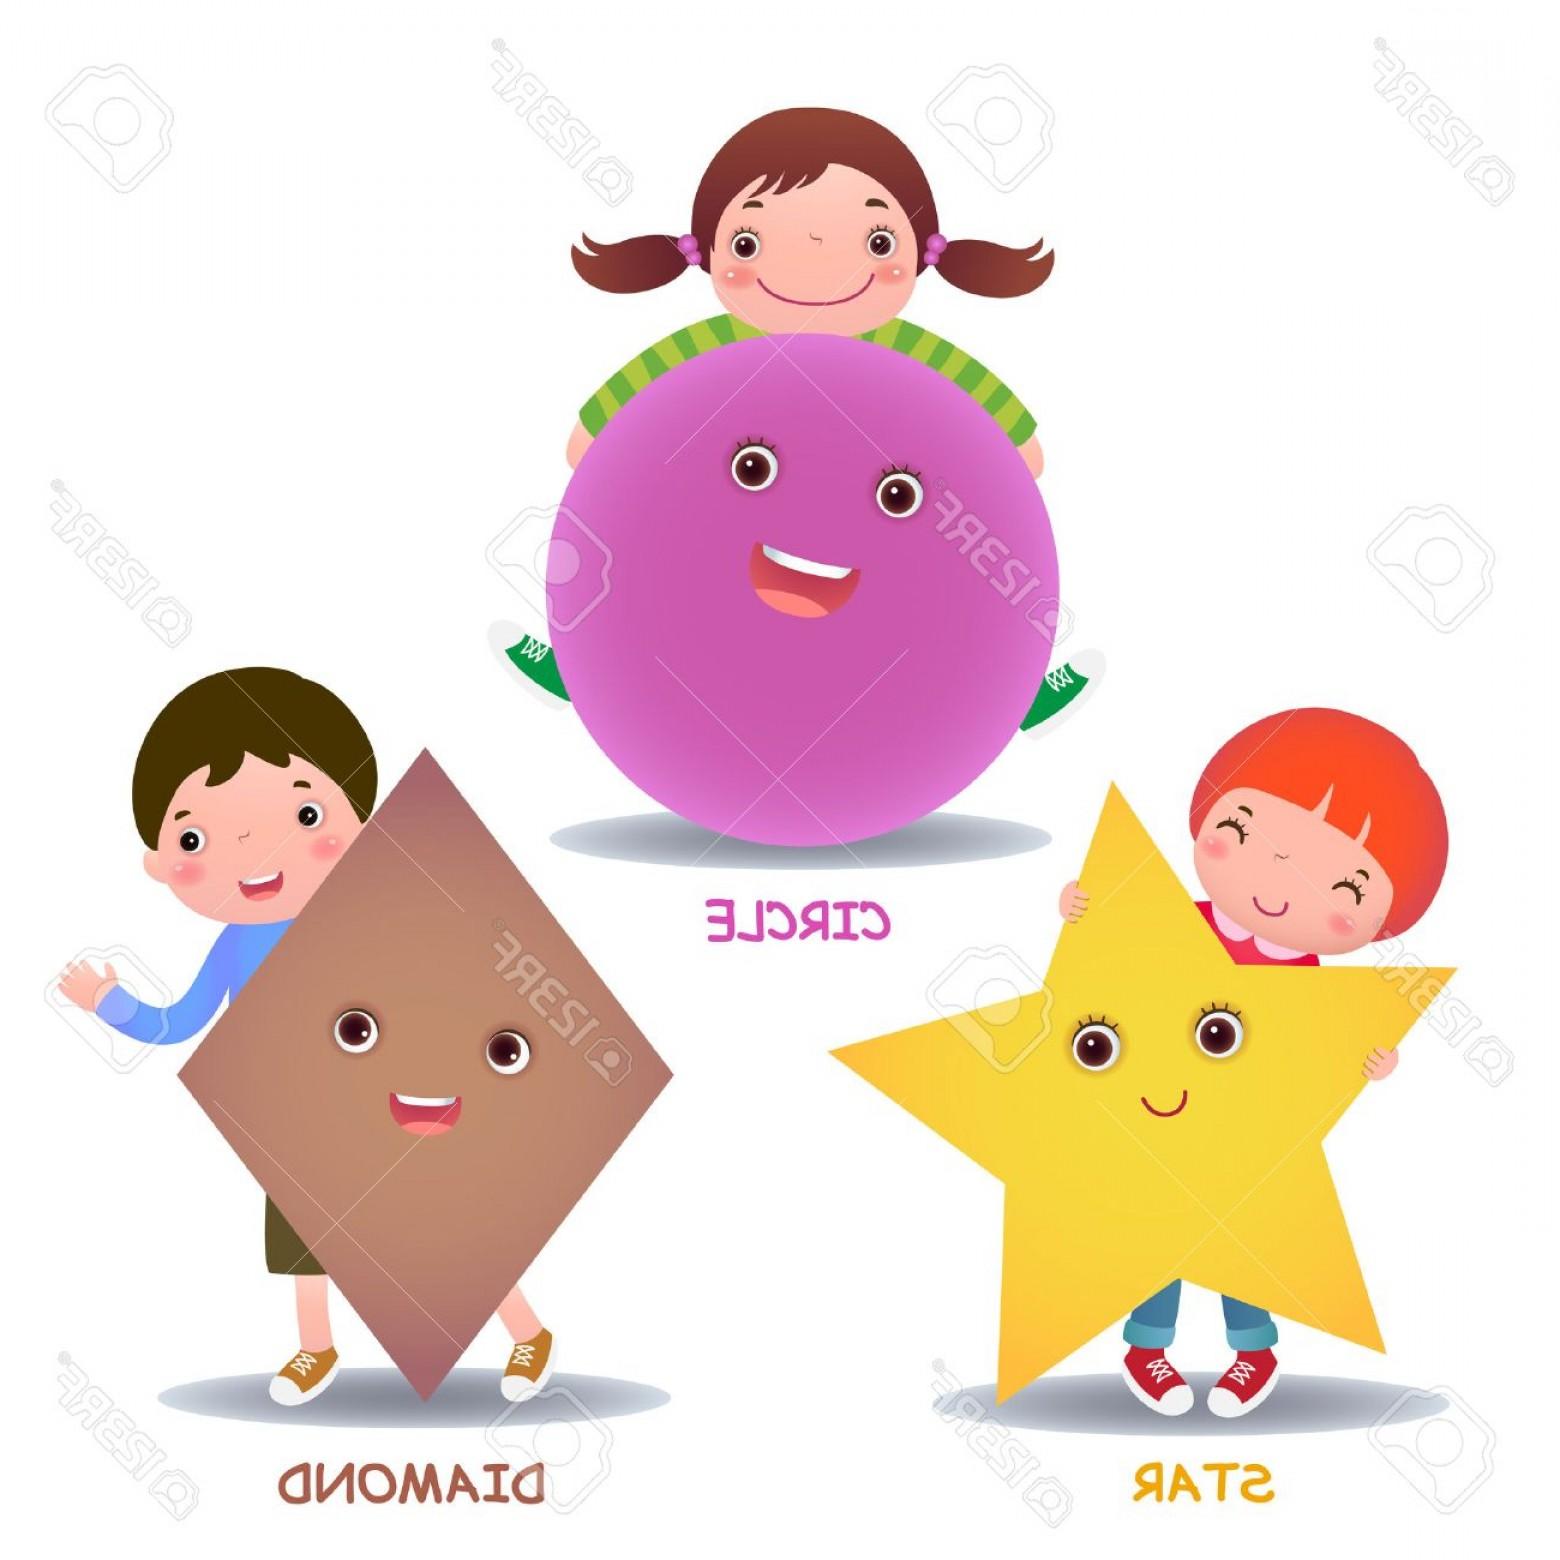 1560x1560 Photostock Vector Cute Little Cartoon Kids With Basic Shapes Star